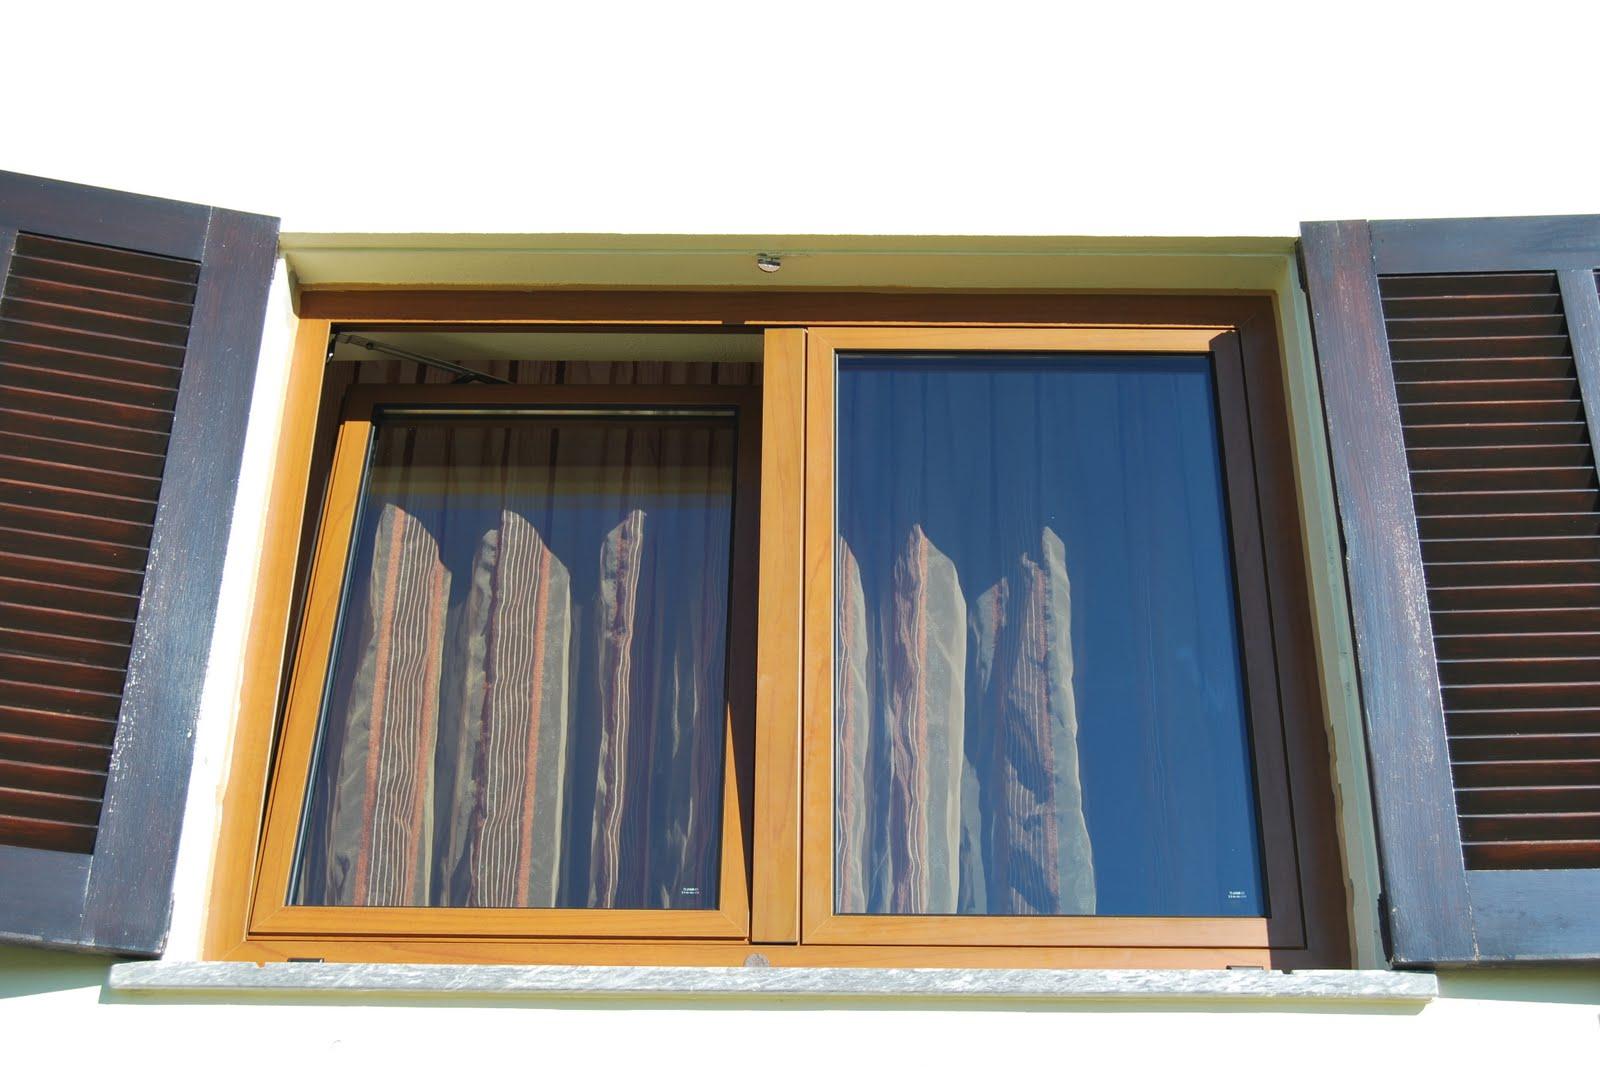 #A76F24 casa com janelas: Substituição madeira por alumínio ruptura  714 Janelas Vidro Duplo Curitiba